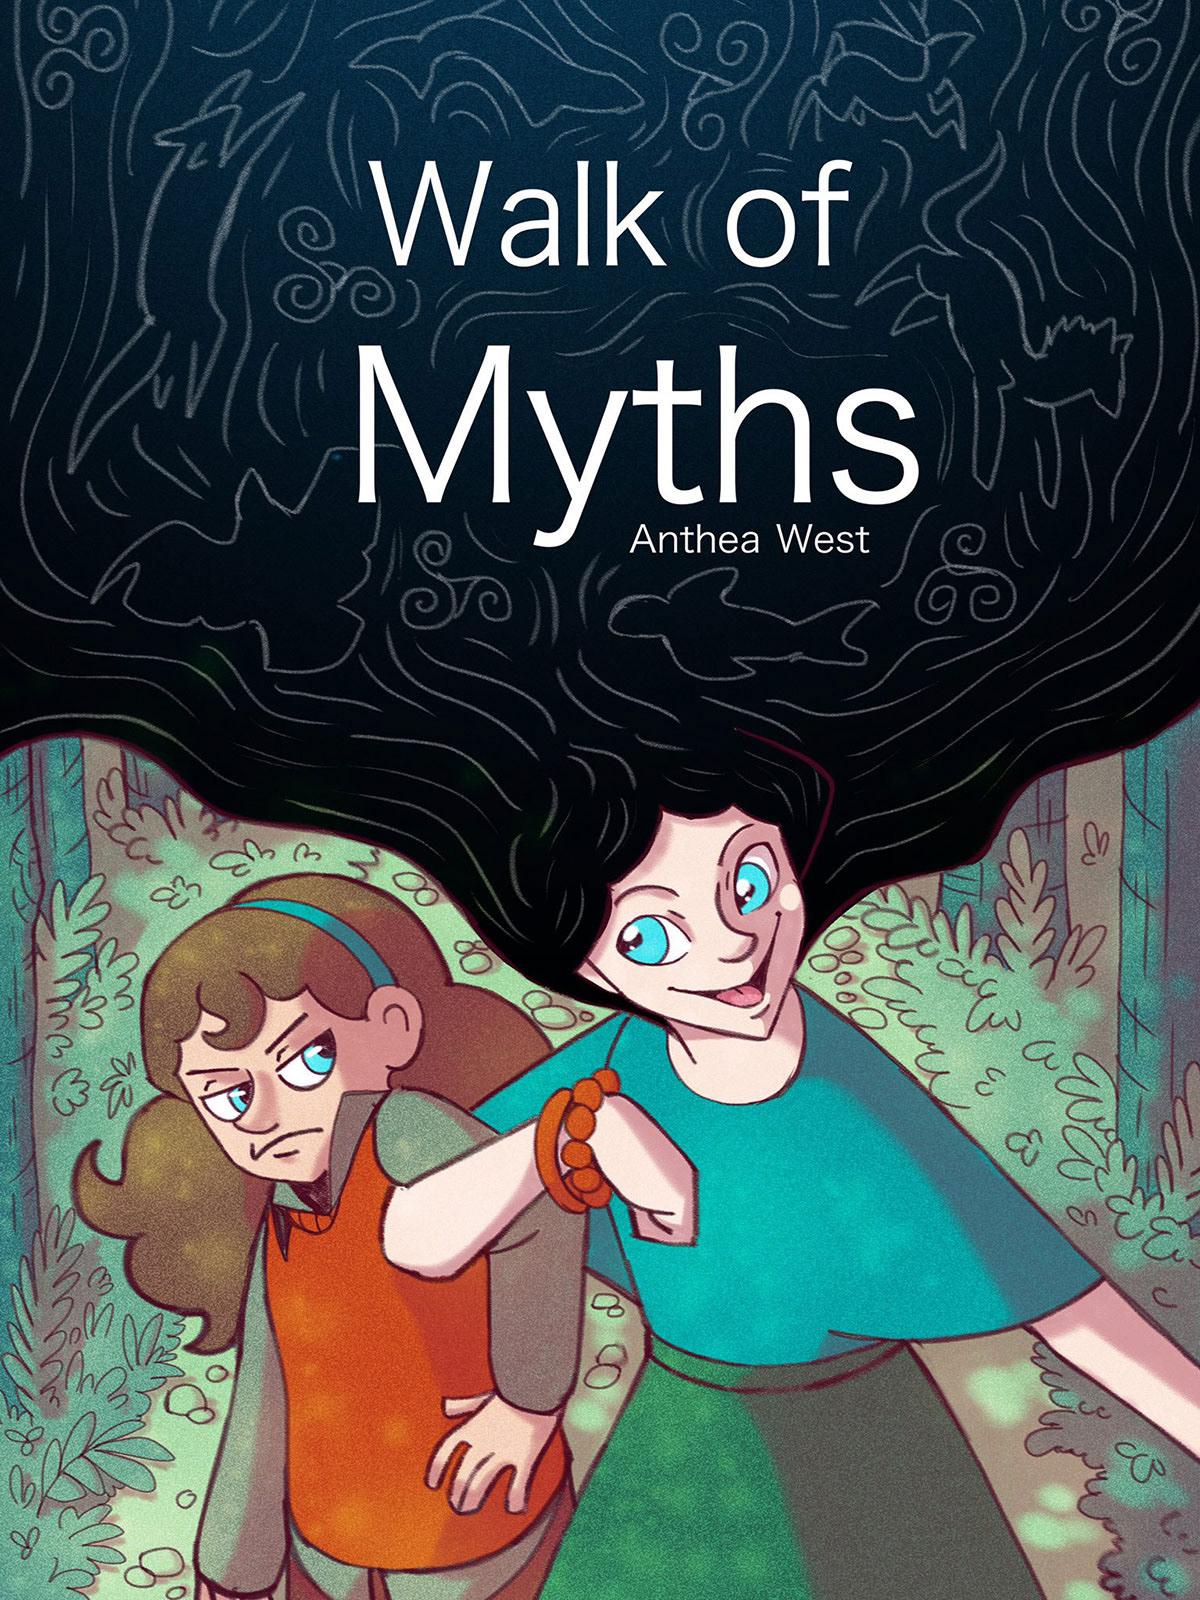 art covers books comics